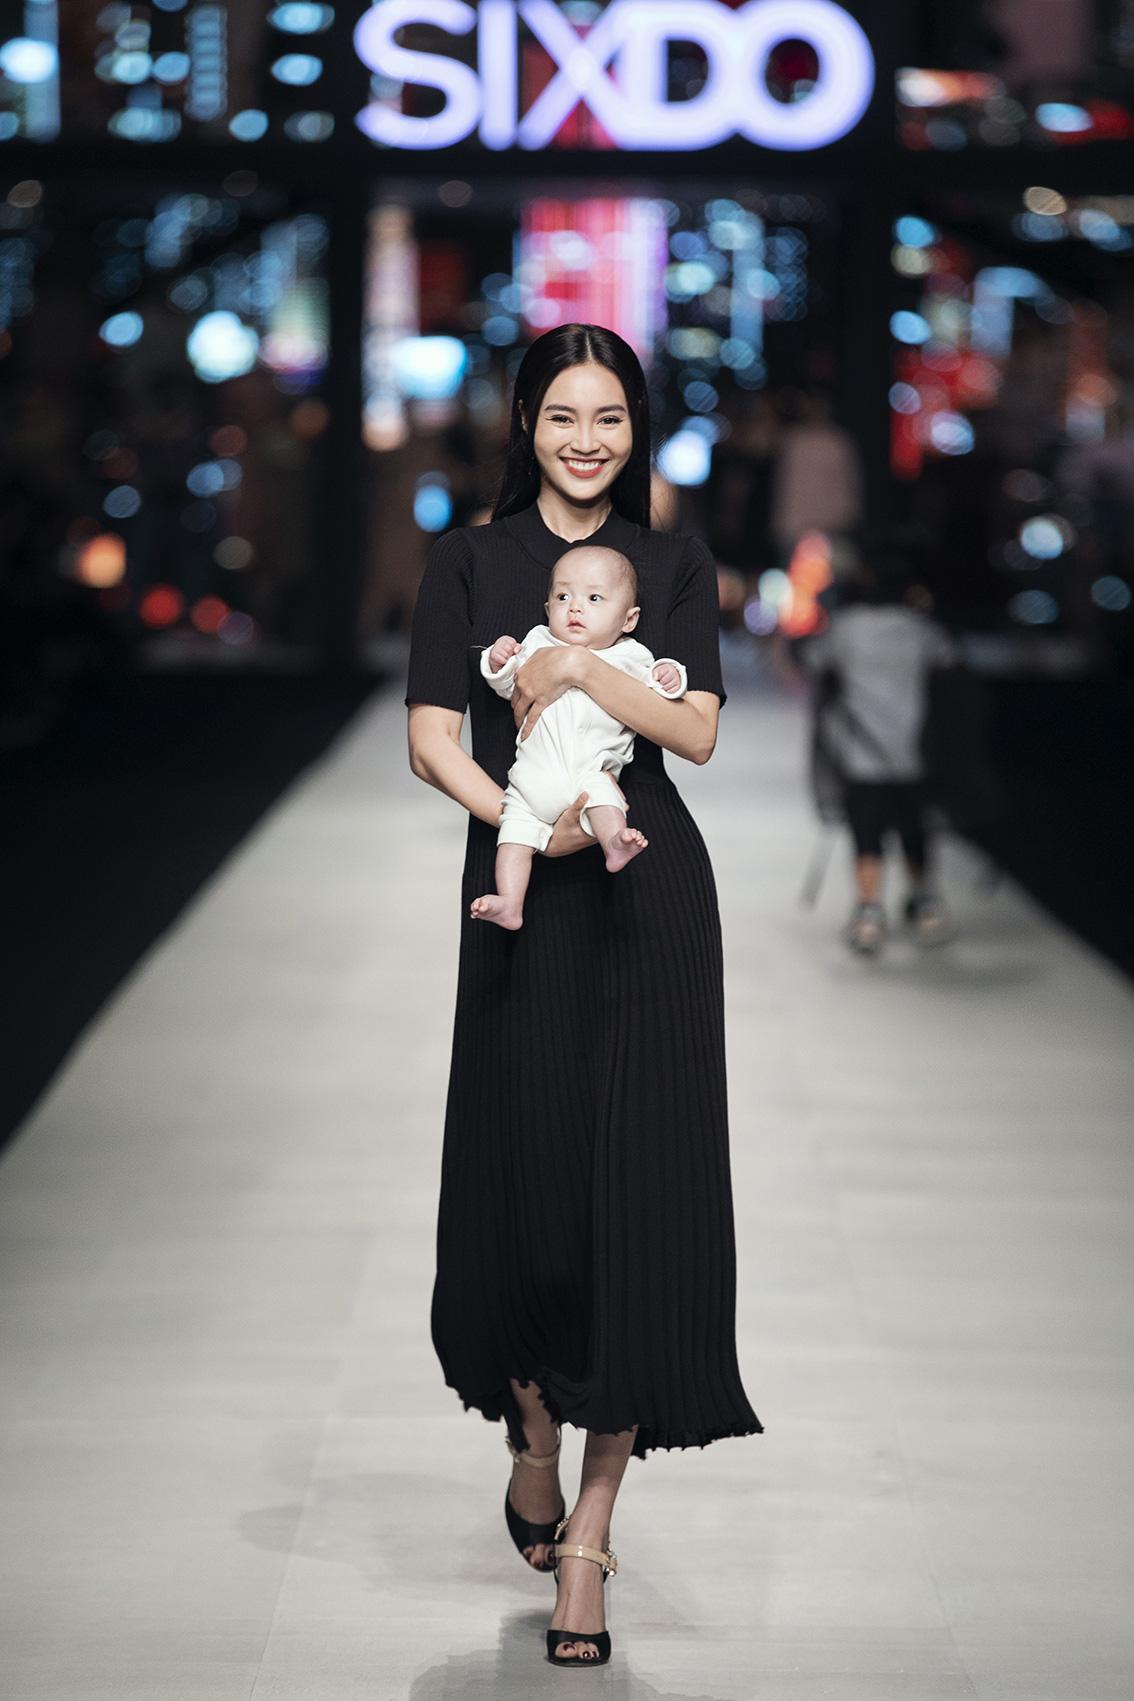 """Ninh Dương Lan Ngọc bế con nuôi của Đỗ Mạnh Cường catwalk, Lê Xuân Tiền diện underwear """"đốt mắt"""" giới mộ điệu - Ảnh 2."""